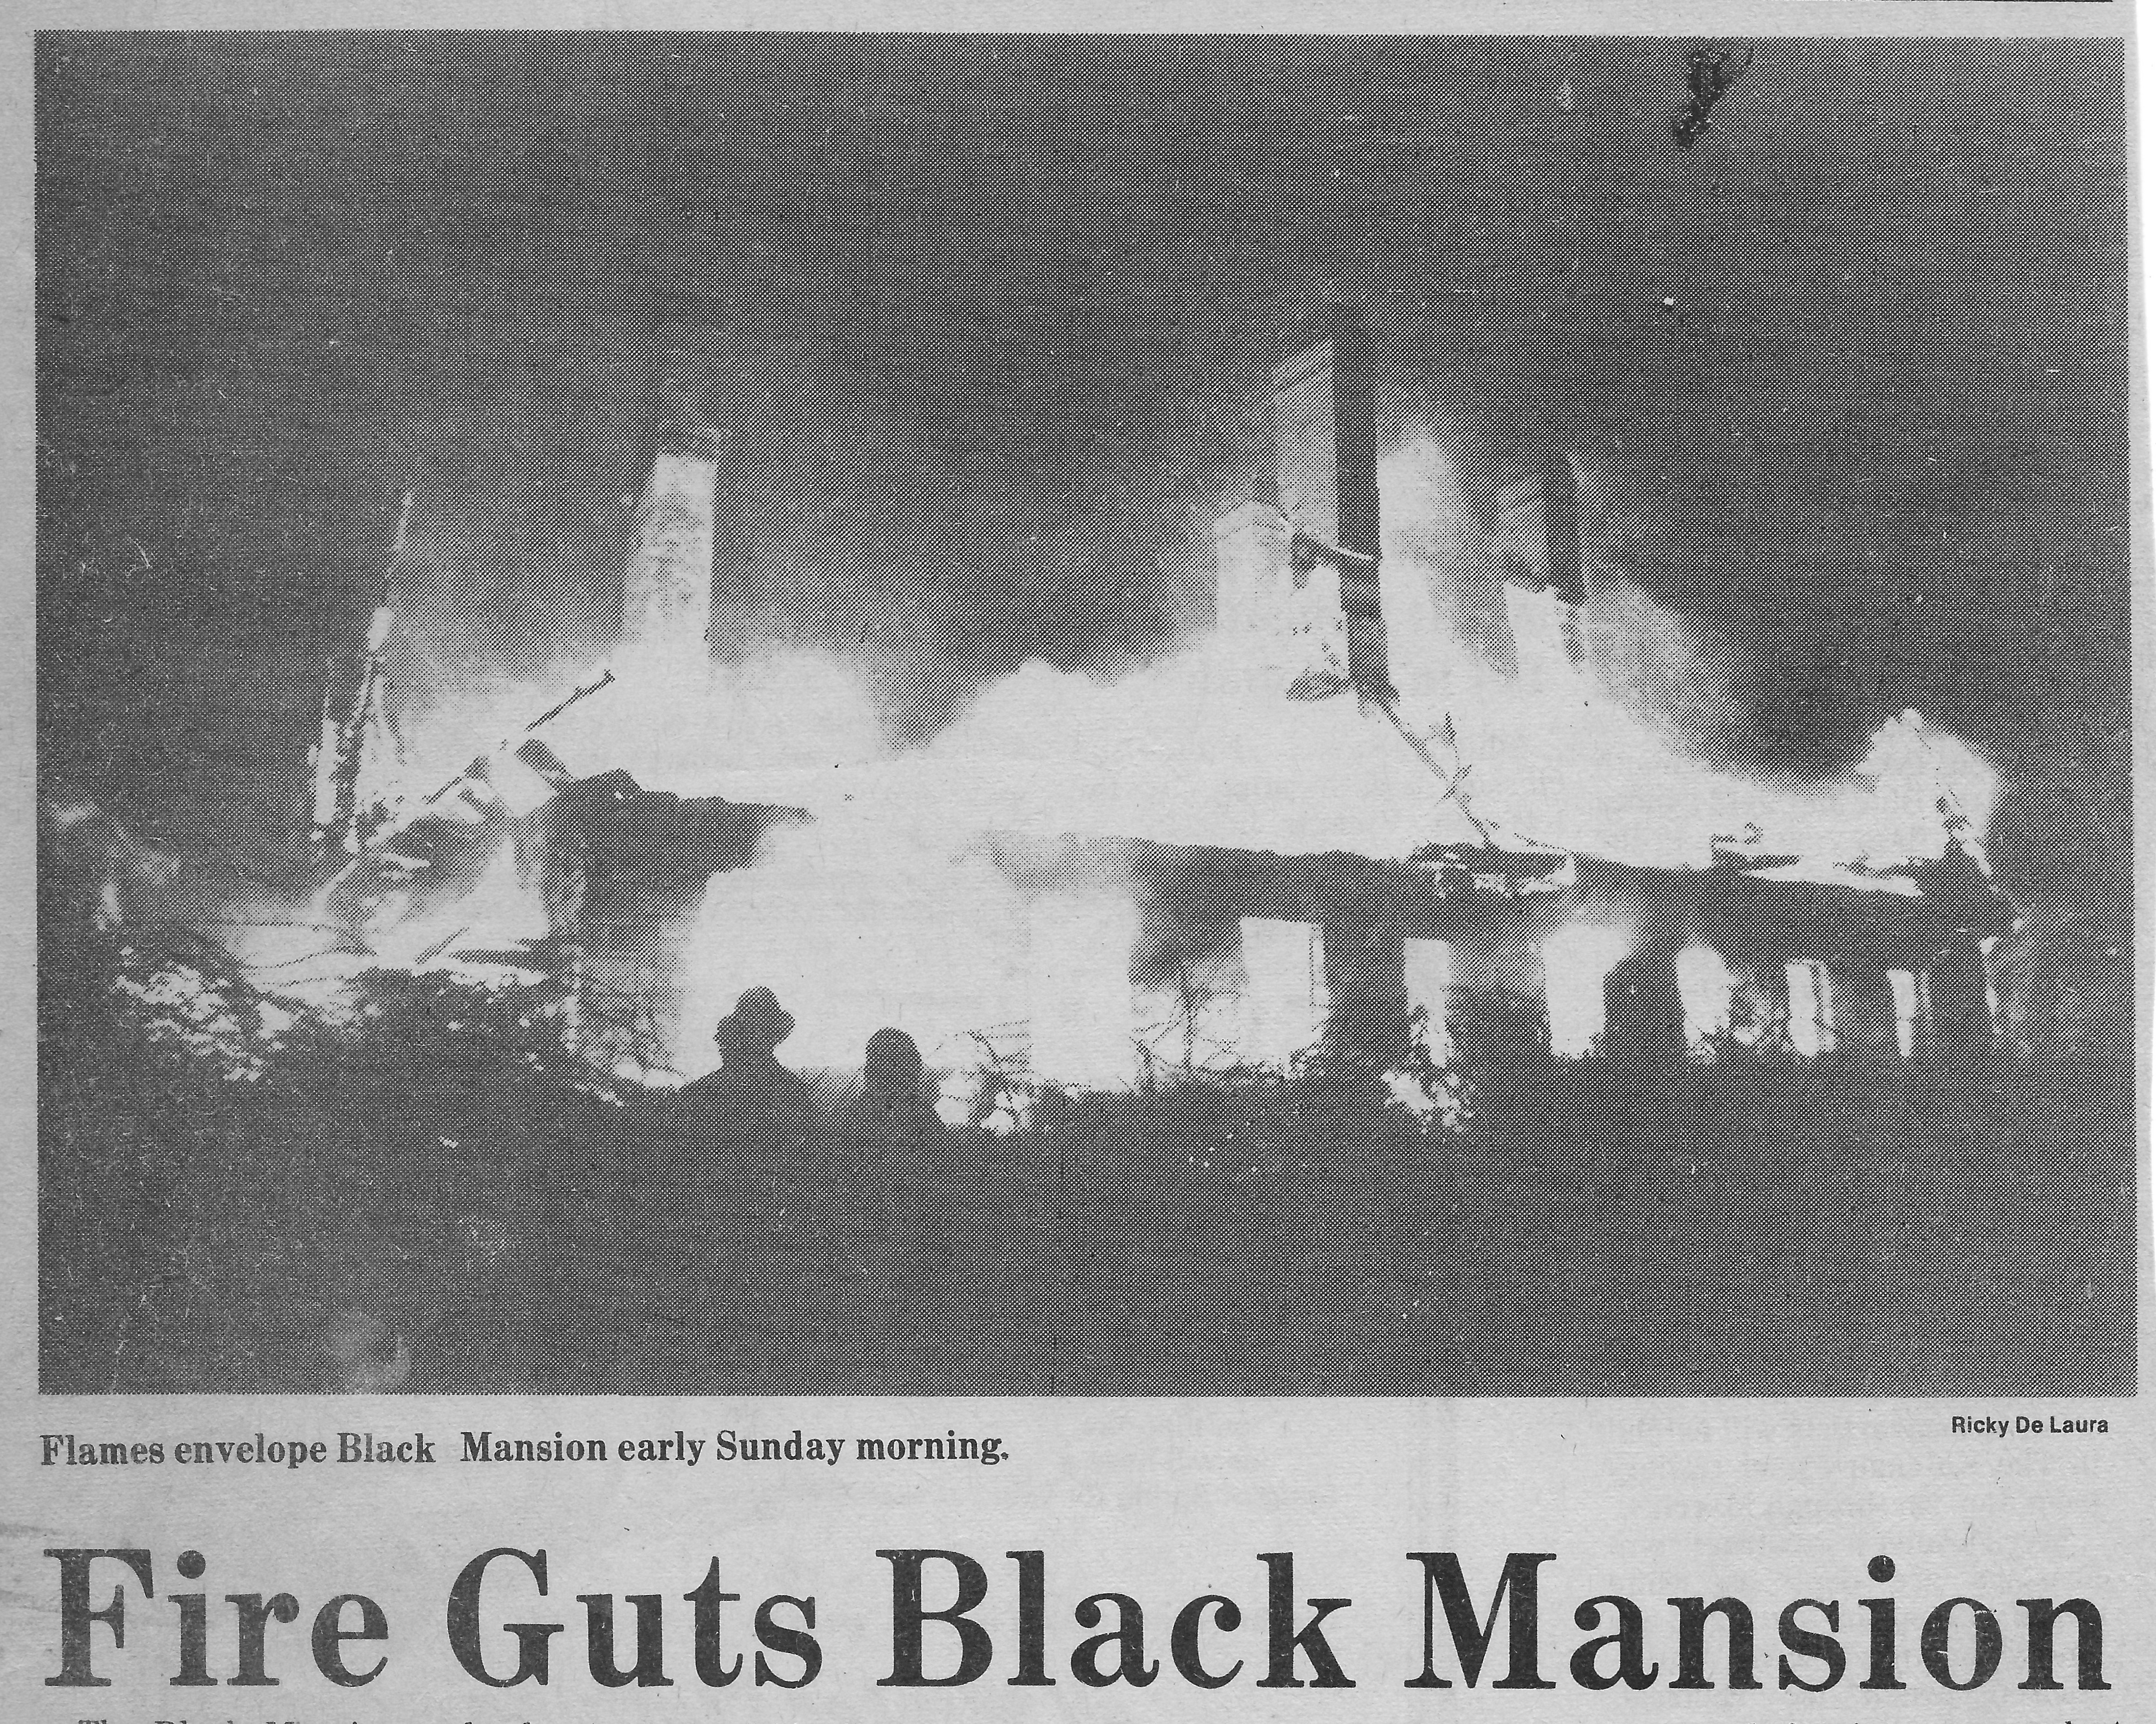 Black Mansion - January 28, 1979 - image courtesy of Maureen Koehl